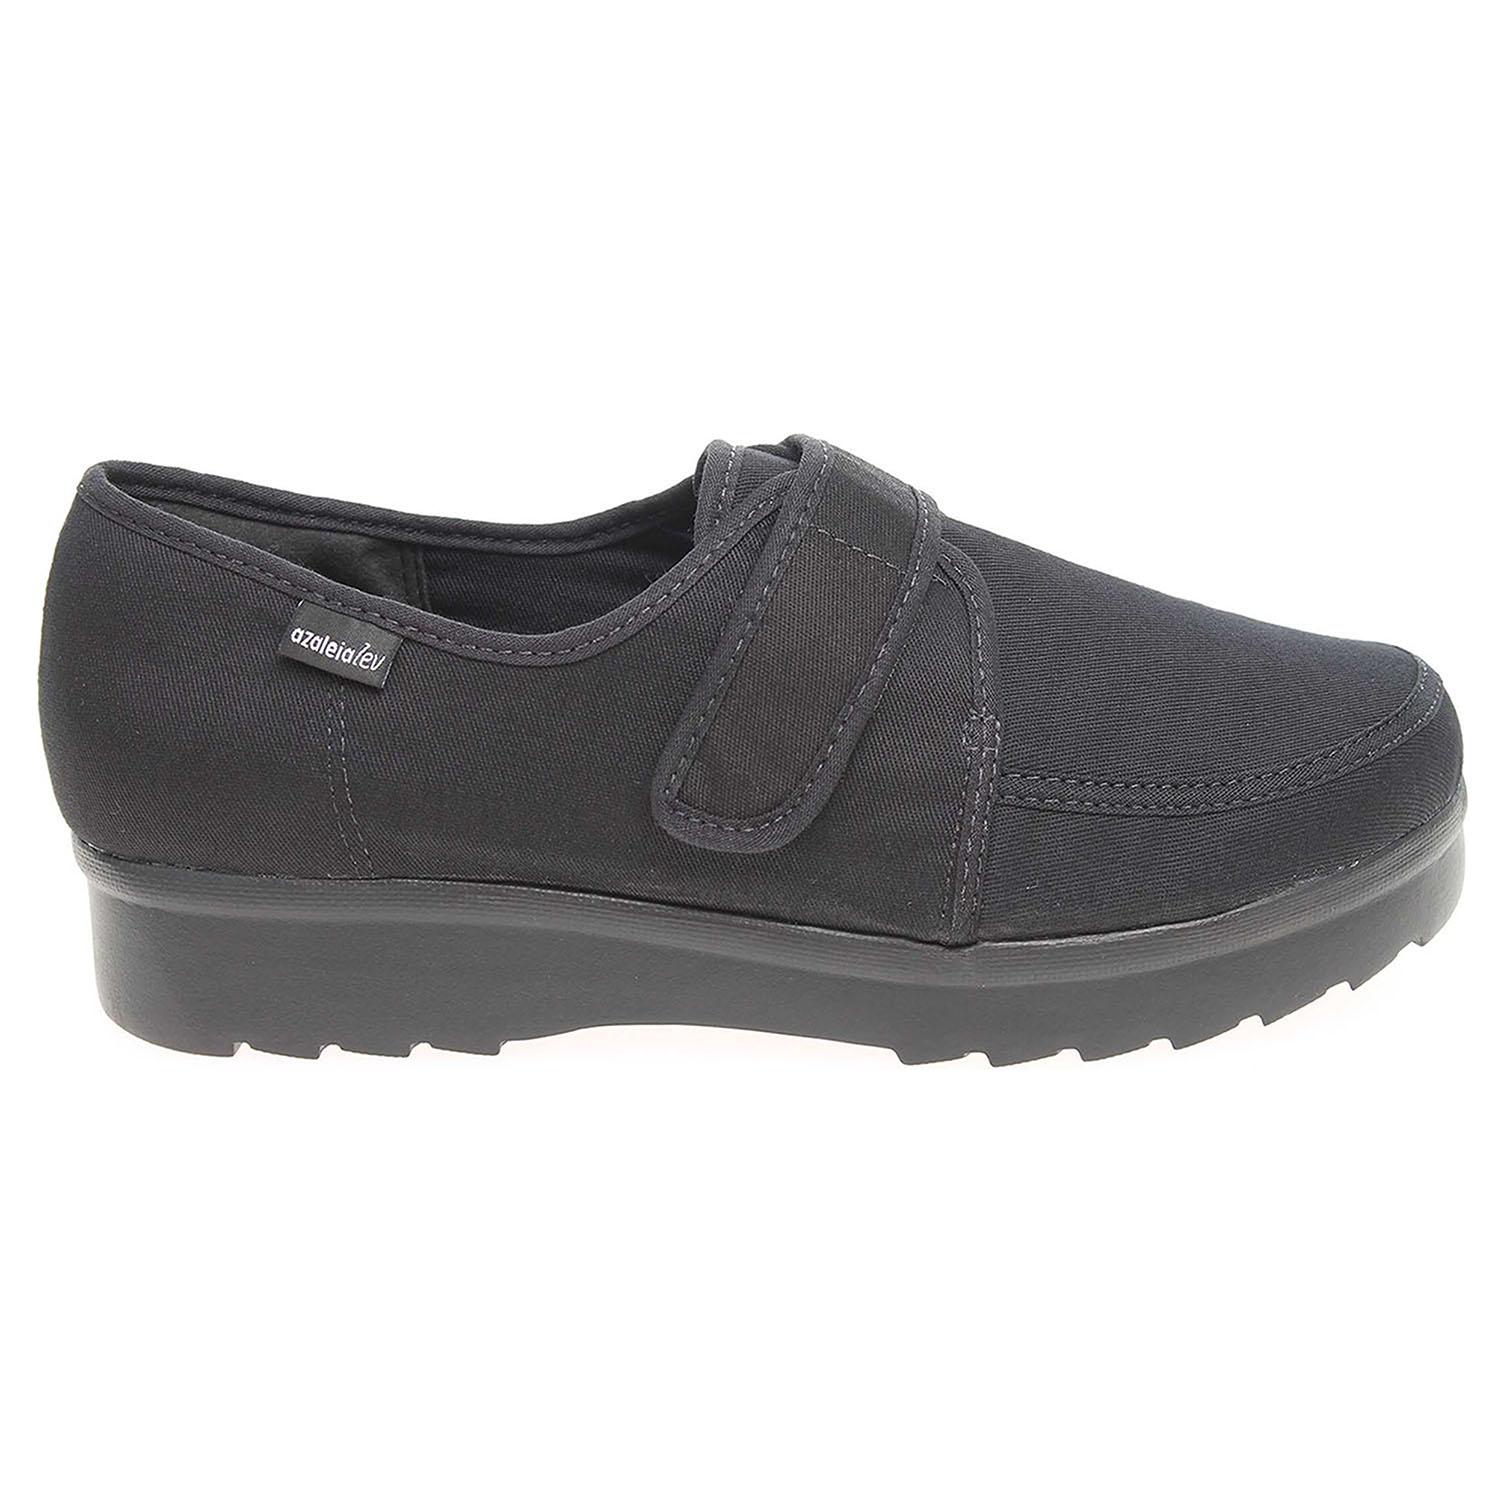 Azaleia dámská obuv 630-188 černá 42